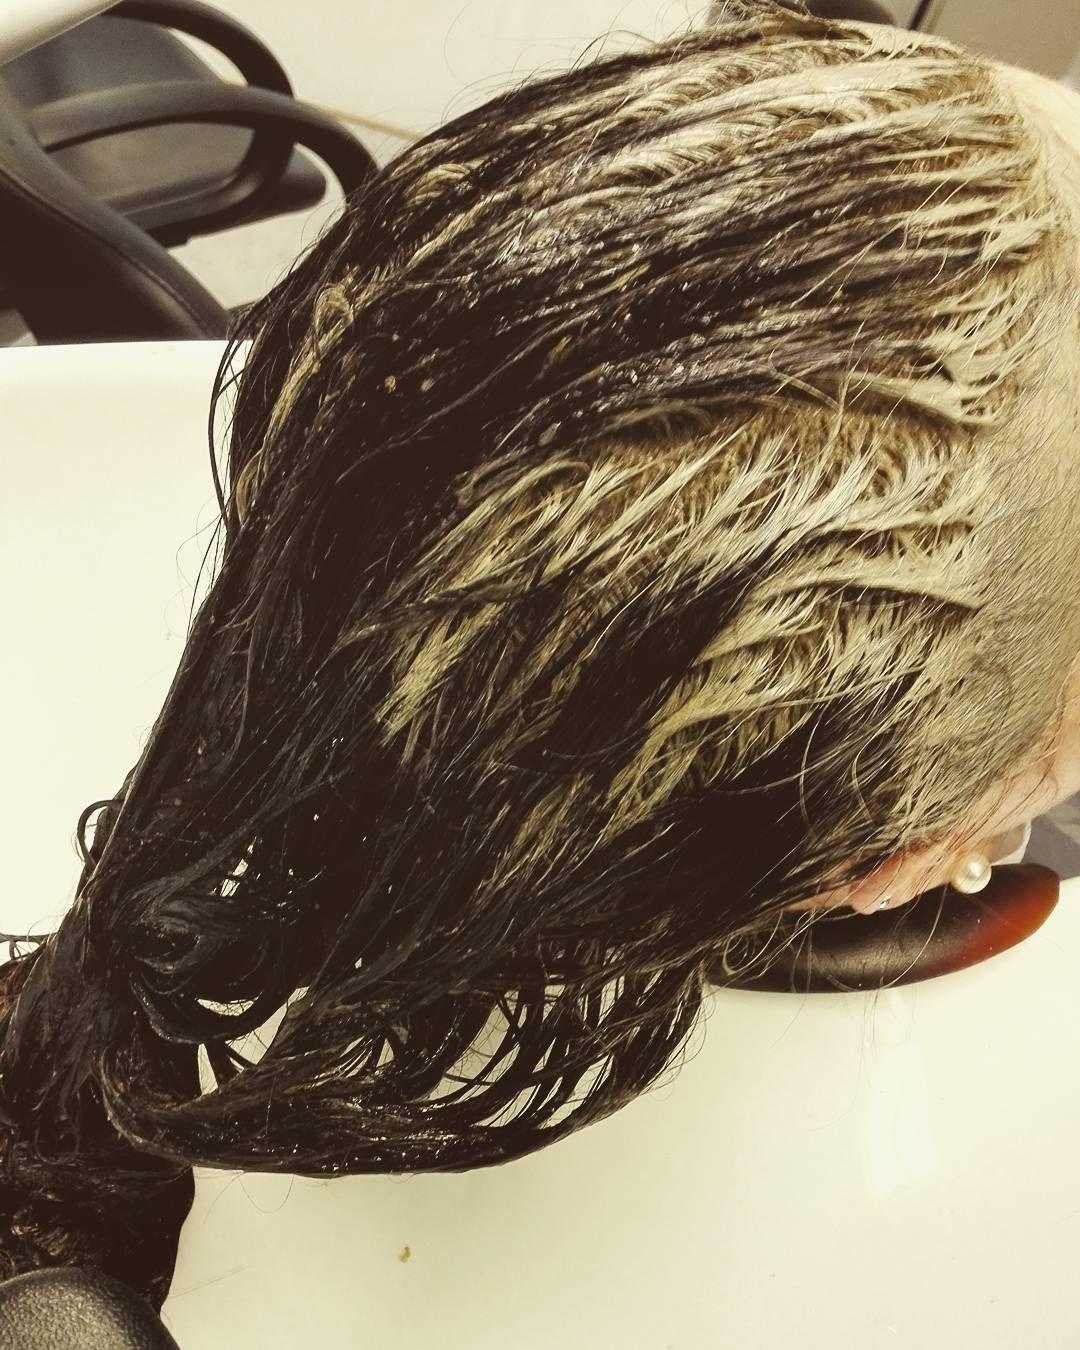 """""""Savi sopii erityisesti rasvoittuville hiuksille ja tukkoiselle, ärtyneelle ja hilseilevälle päänahalle. Savi poistaa tehokkaasti hiuksista ja hiuspohjasta muotoilutuotejäämiä ja ilman epäpuhtauksia.  Savi on ratkaisu myös moniin muihin hiusten ongelmiin: hiustenlähtöön ja hitaaseen hiustenkasvuun. Savea on käytetty hiustenhoidossa jo antiikin Kreikassa. Sen pH:sta johtuen se rauhoittaa hiuspohjaa ja säätelee talineritystä, jolloin hiukset pysyvät hyväkuntoisina ja puhtaina, vaikka pesuväli…"""